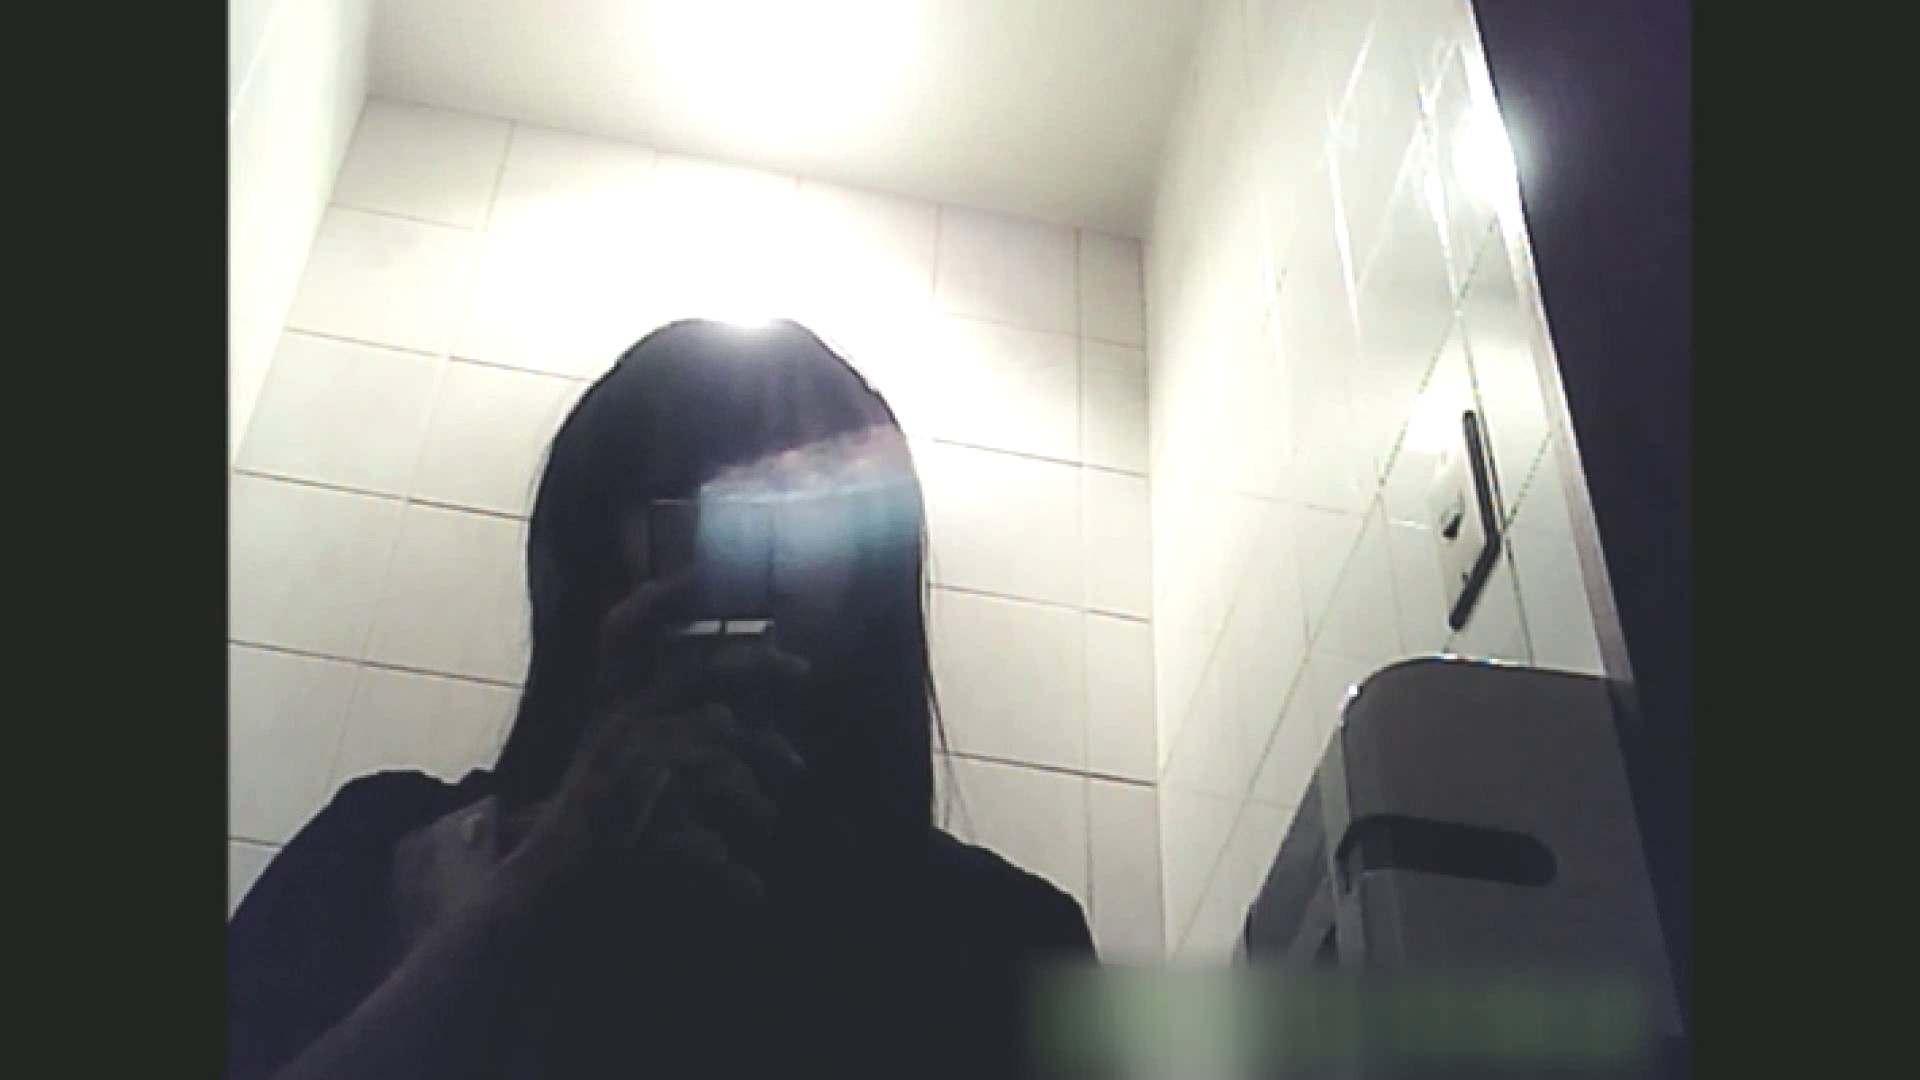 実録!!綺麗なお姉さんのトイレ事情・・・。vol.4 OLセックス 盗撮ワレメ無修正動画無料 67画像 2